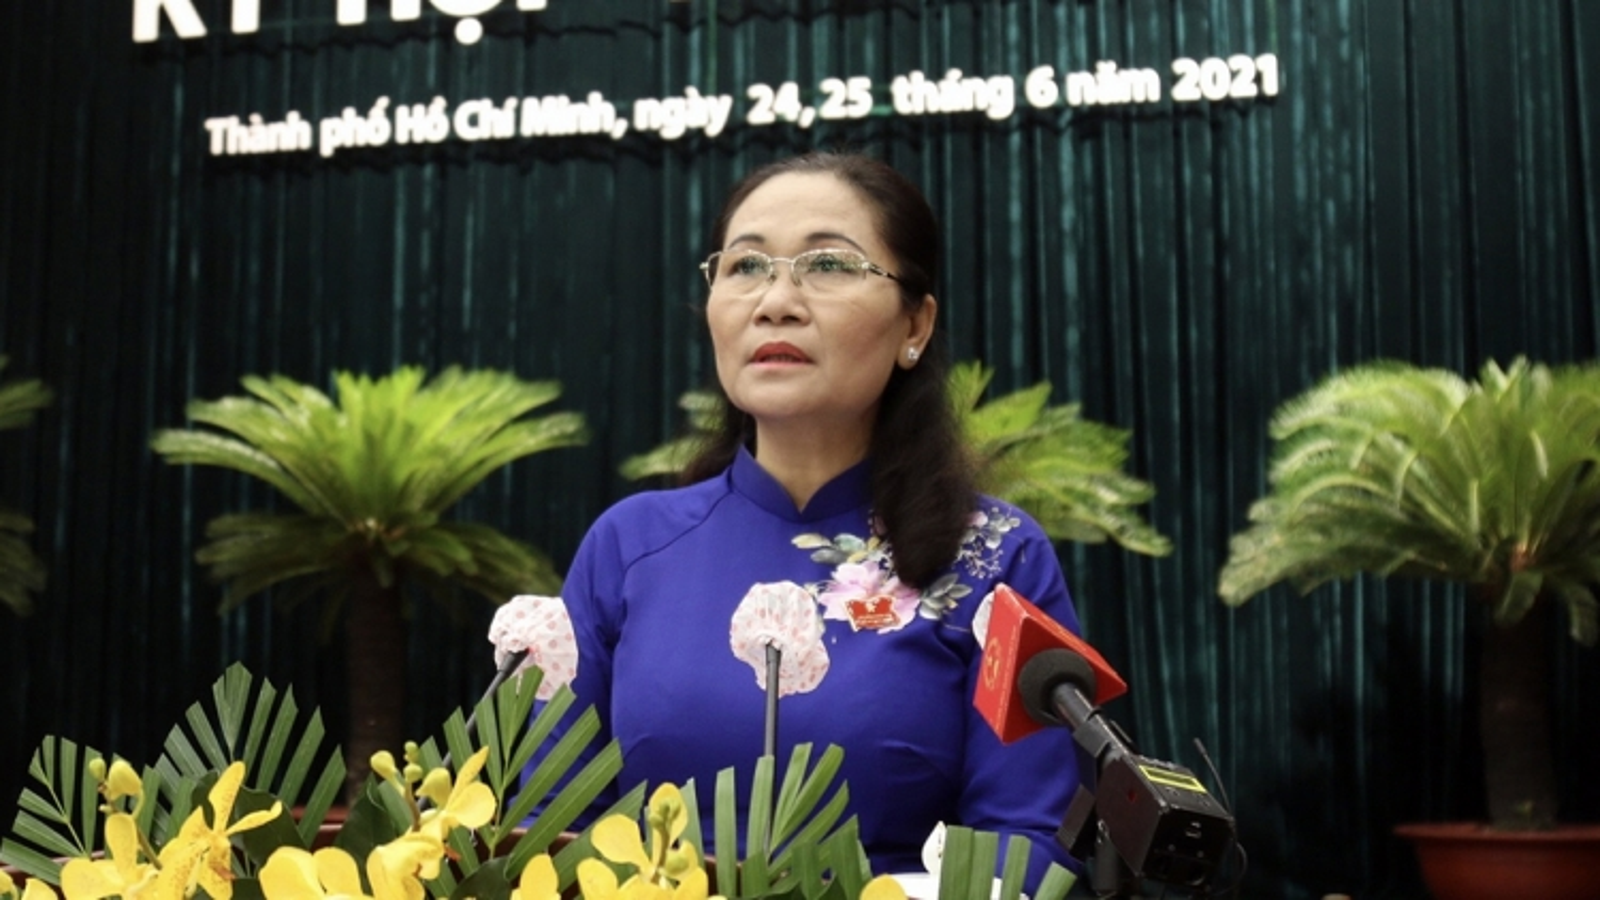 Bà Nguyễn Thị Lệ được bầu giữ chức Chủ tịch Hội đồng nhân dân TP.HCM